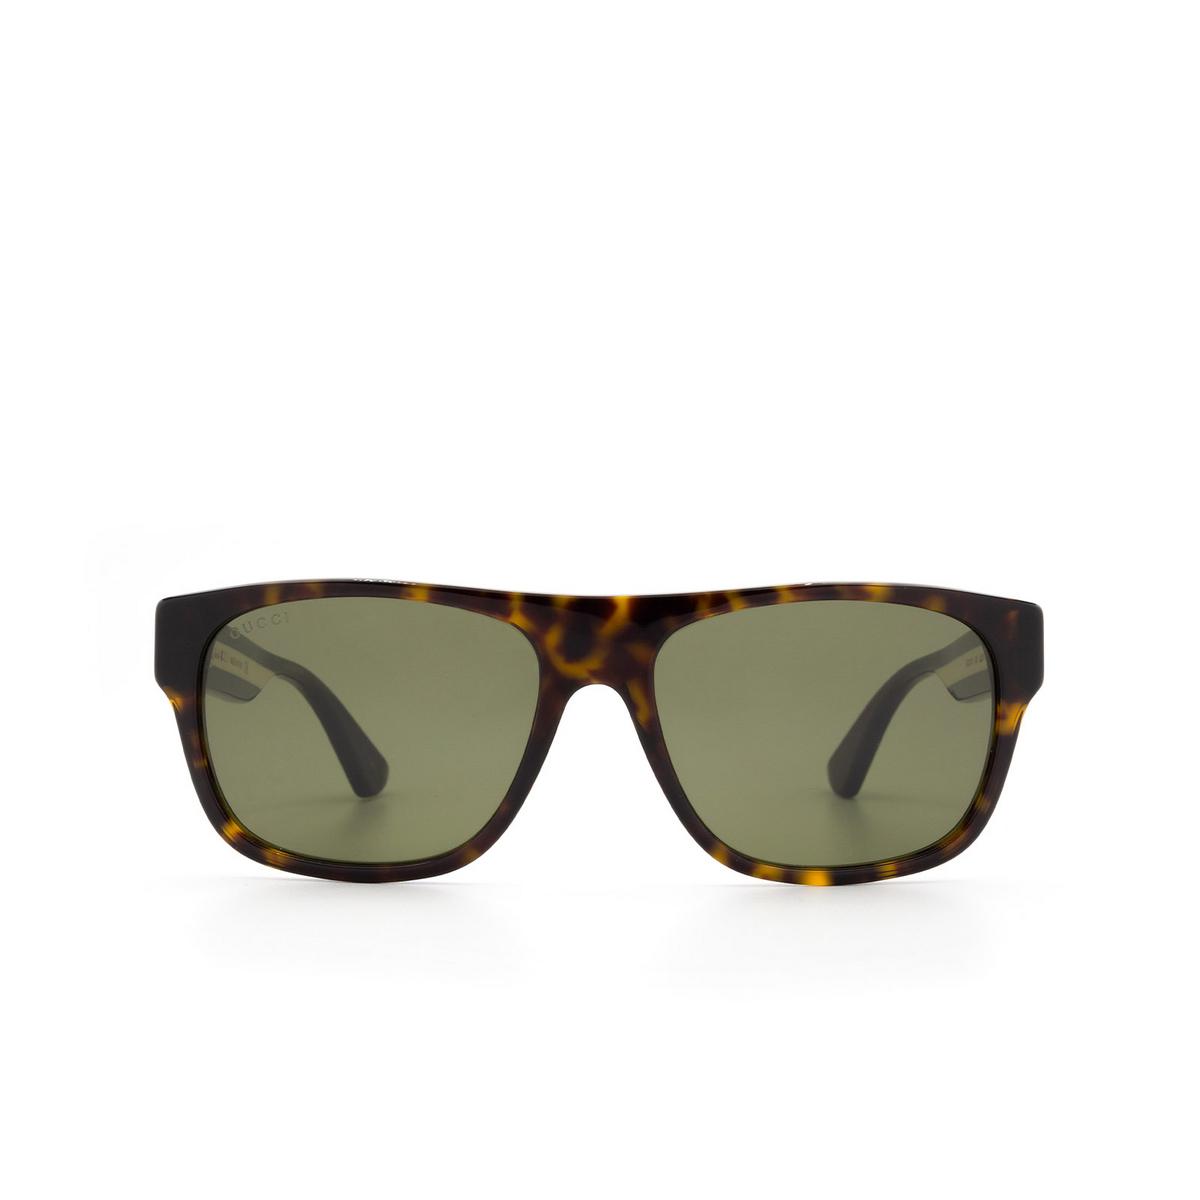 Gucci® Square Sunglasses: GG0341S color Havana 003 - 1/3.